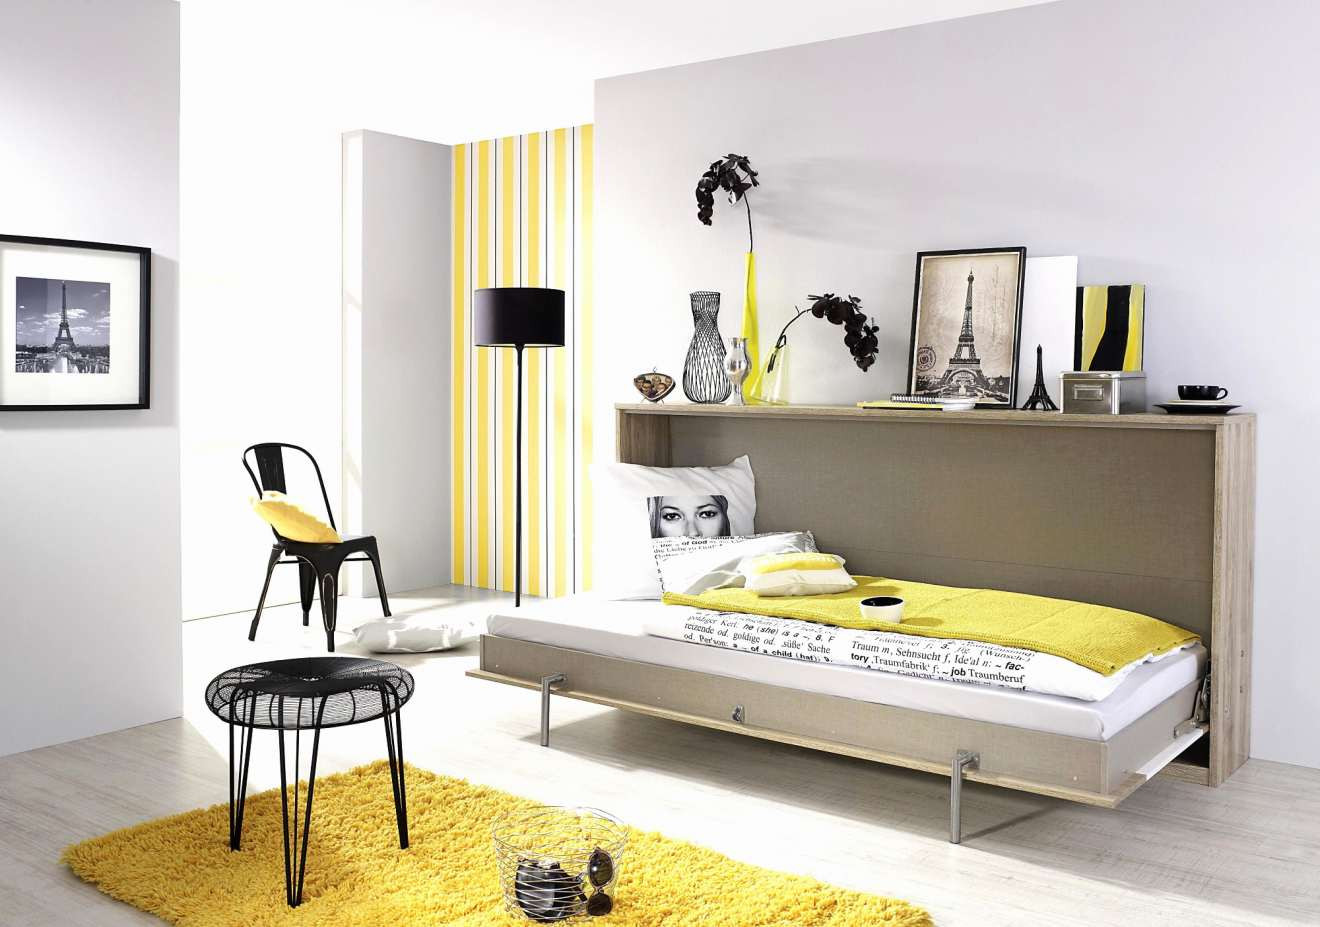 magasin meuble design meuble design sur mesure plus unique magasin meuble angers de luxe of magasin meuble design